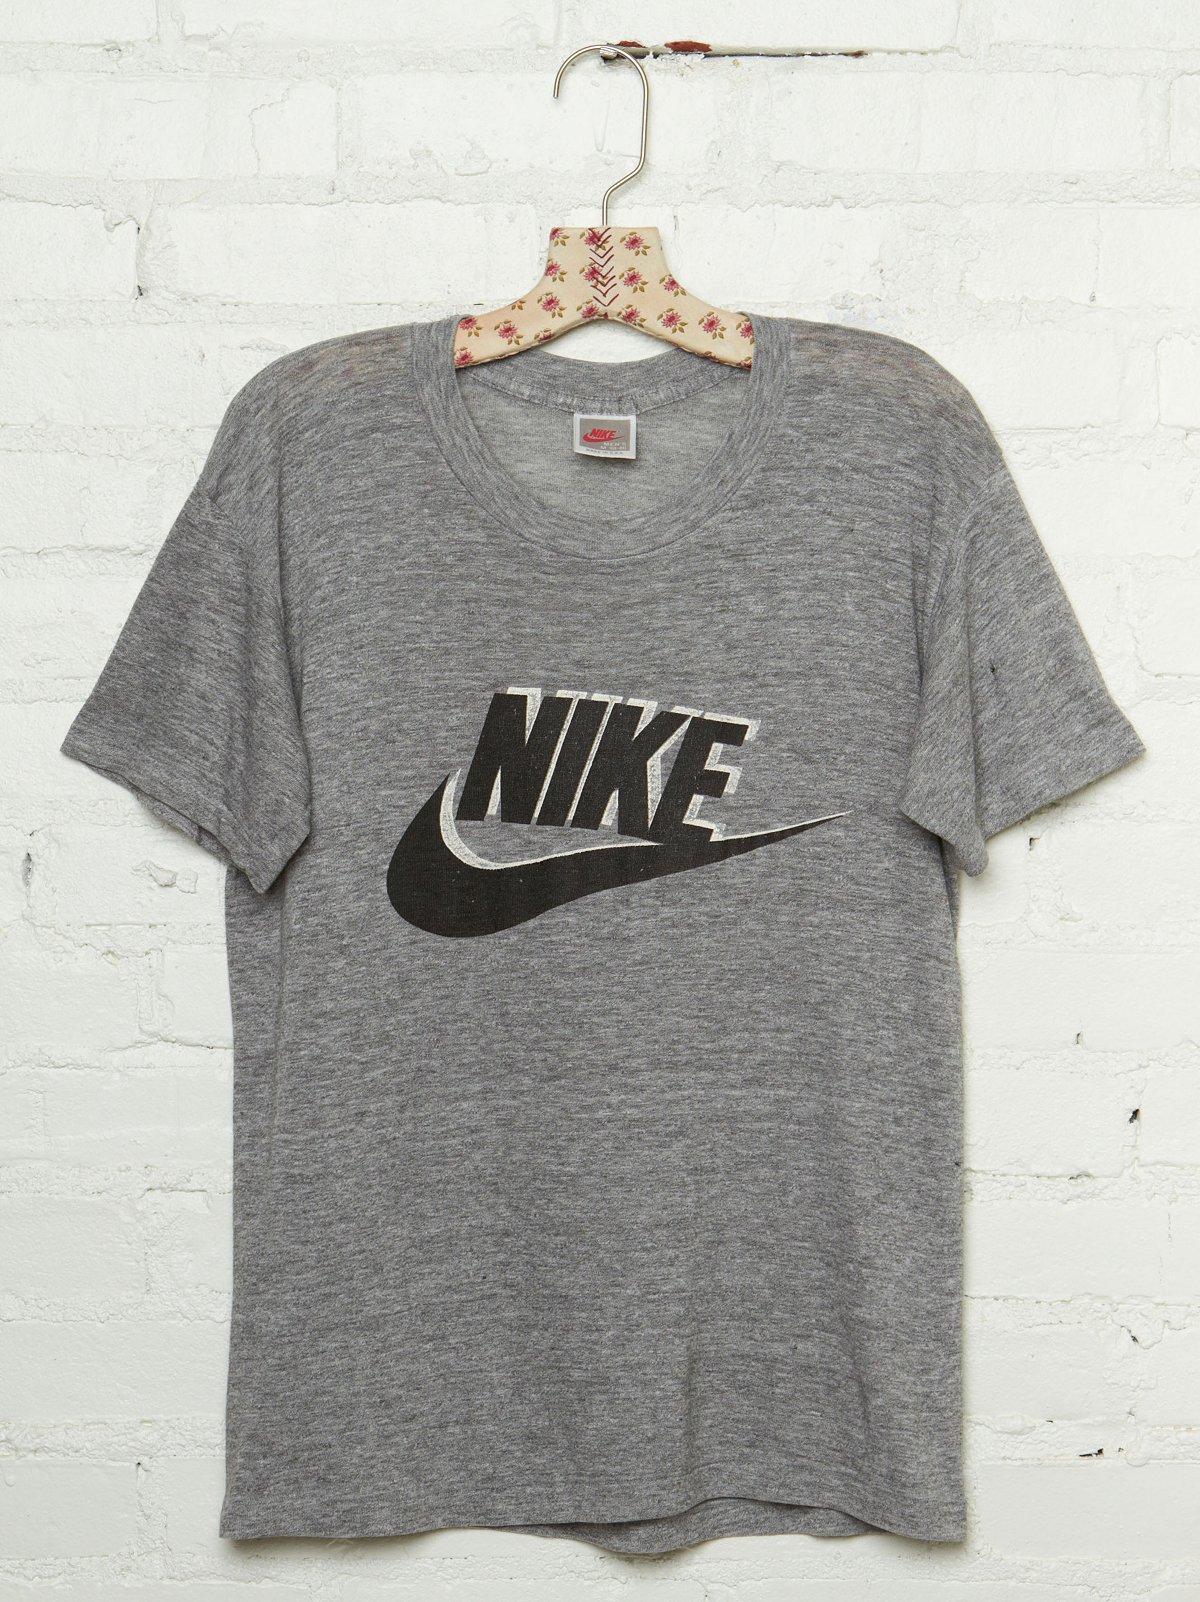 Vintage Nike Graphic Tank